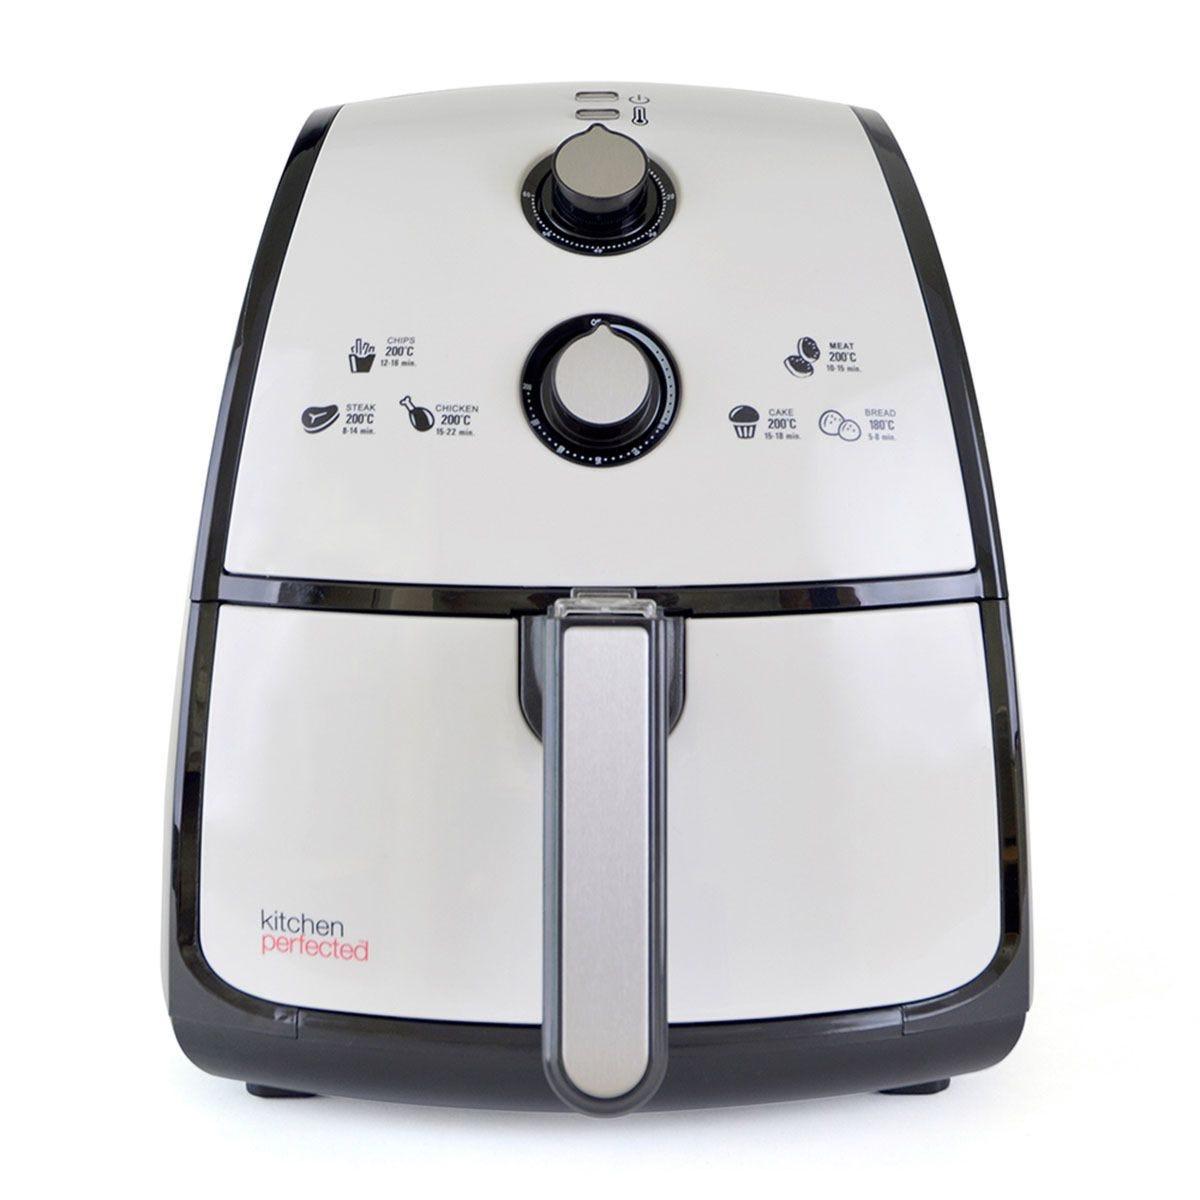 Lloytron E6702WI KitchenPerfected 1500W 4L Air Fryer - Ivory White